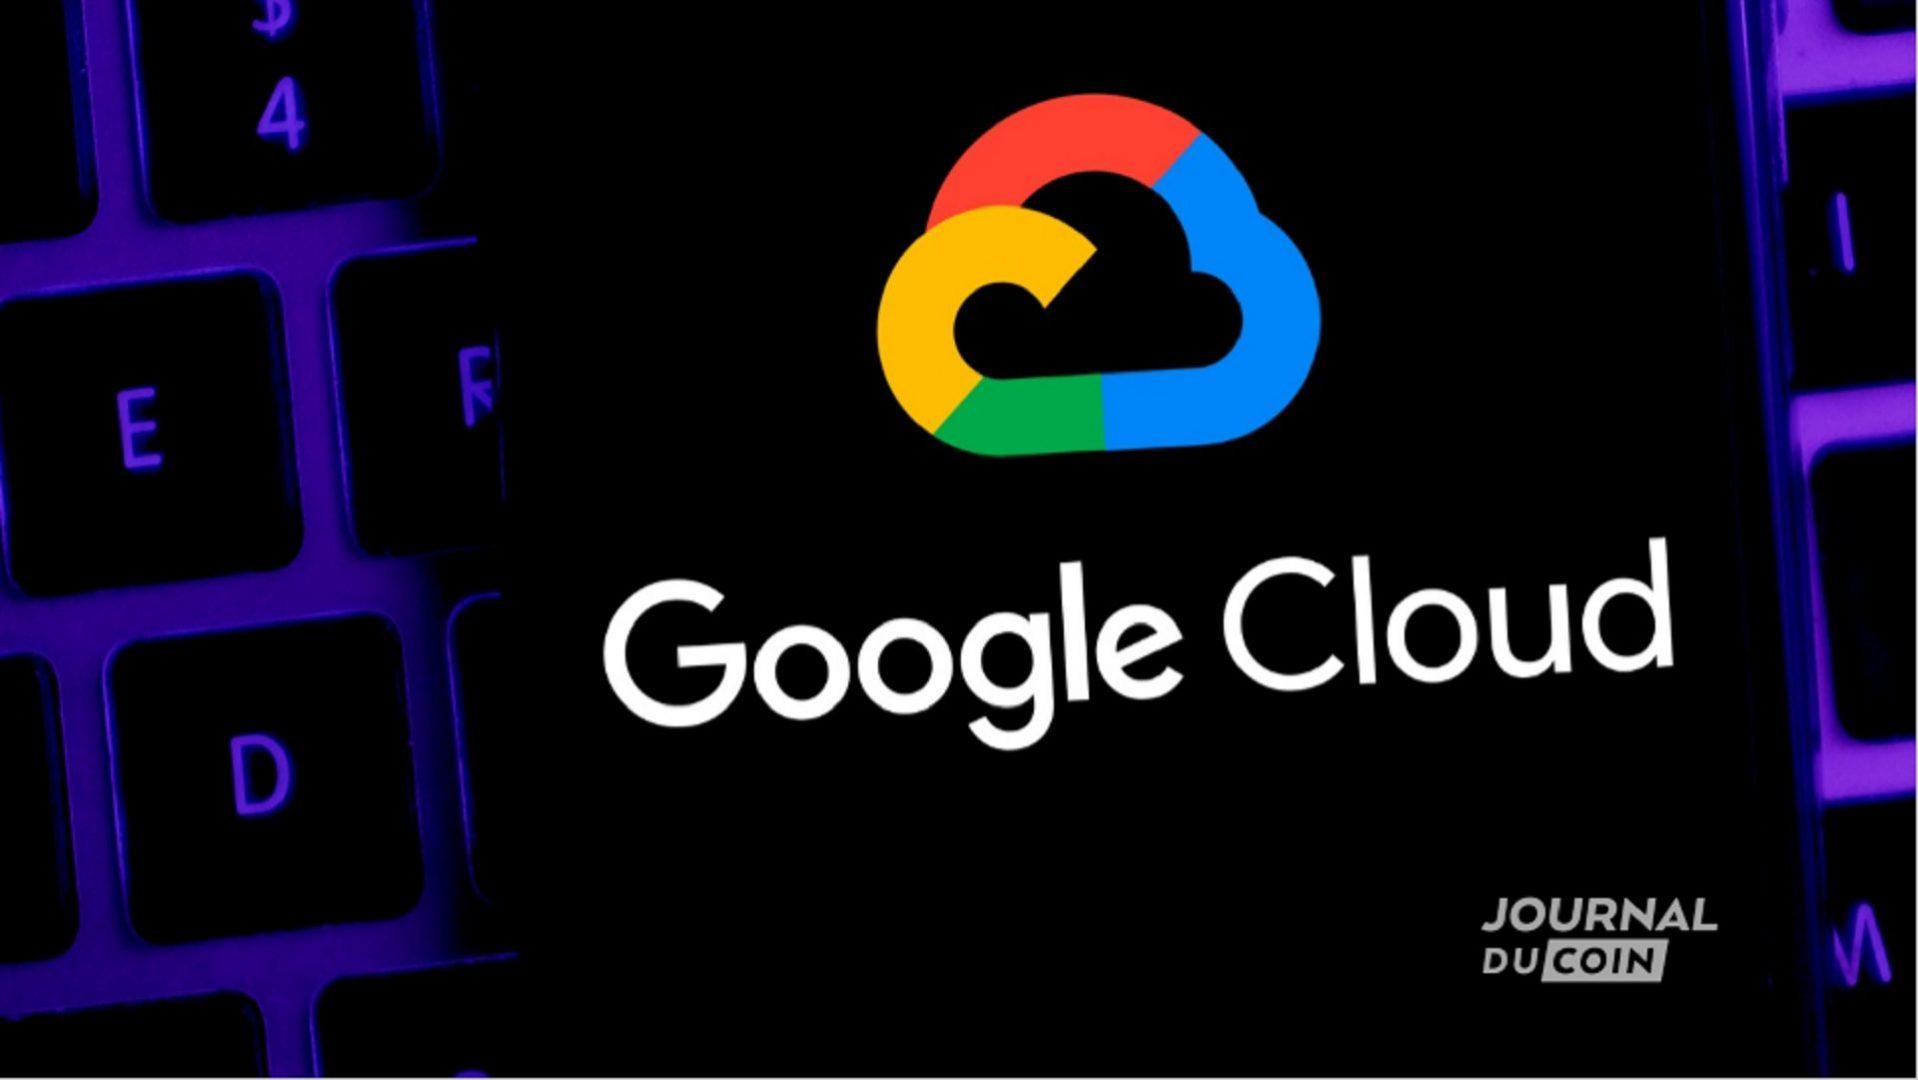 Les GAFAM veulent (aussi) faire main basse sur les blockchains – Google Cloud s'implique dans EOS